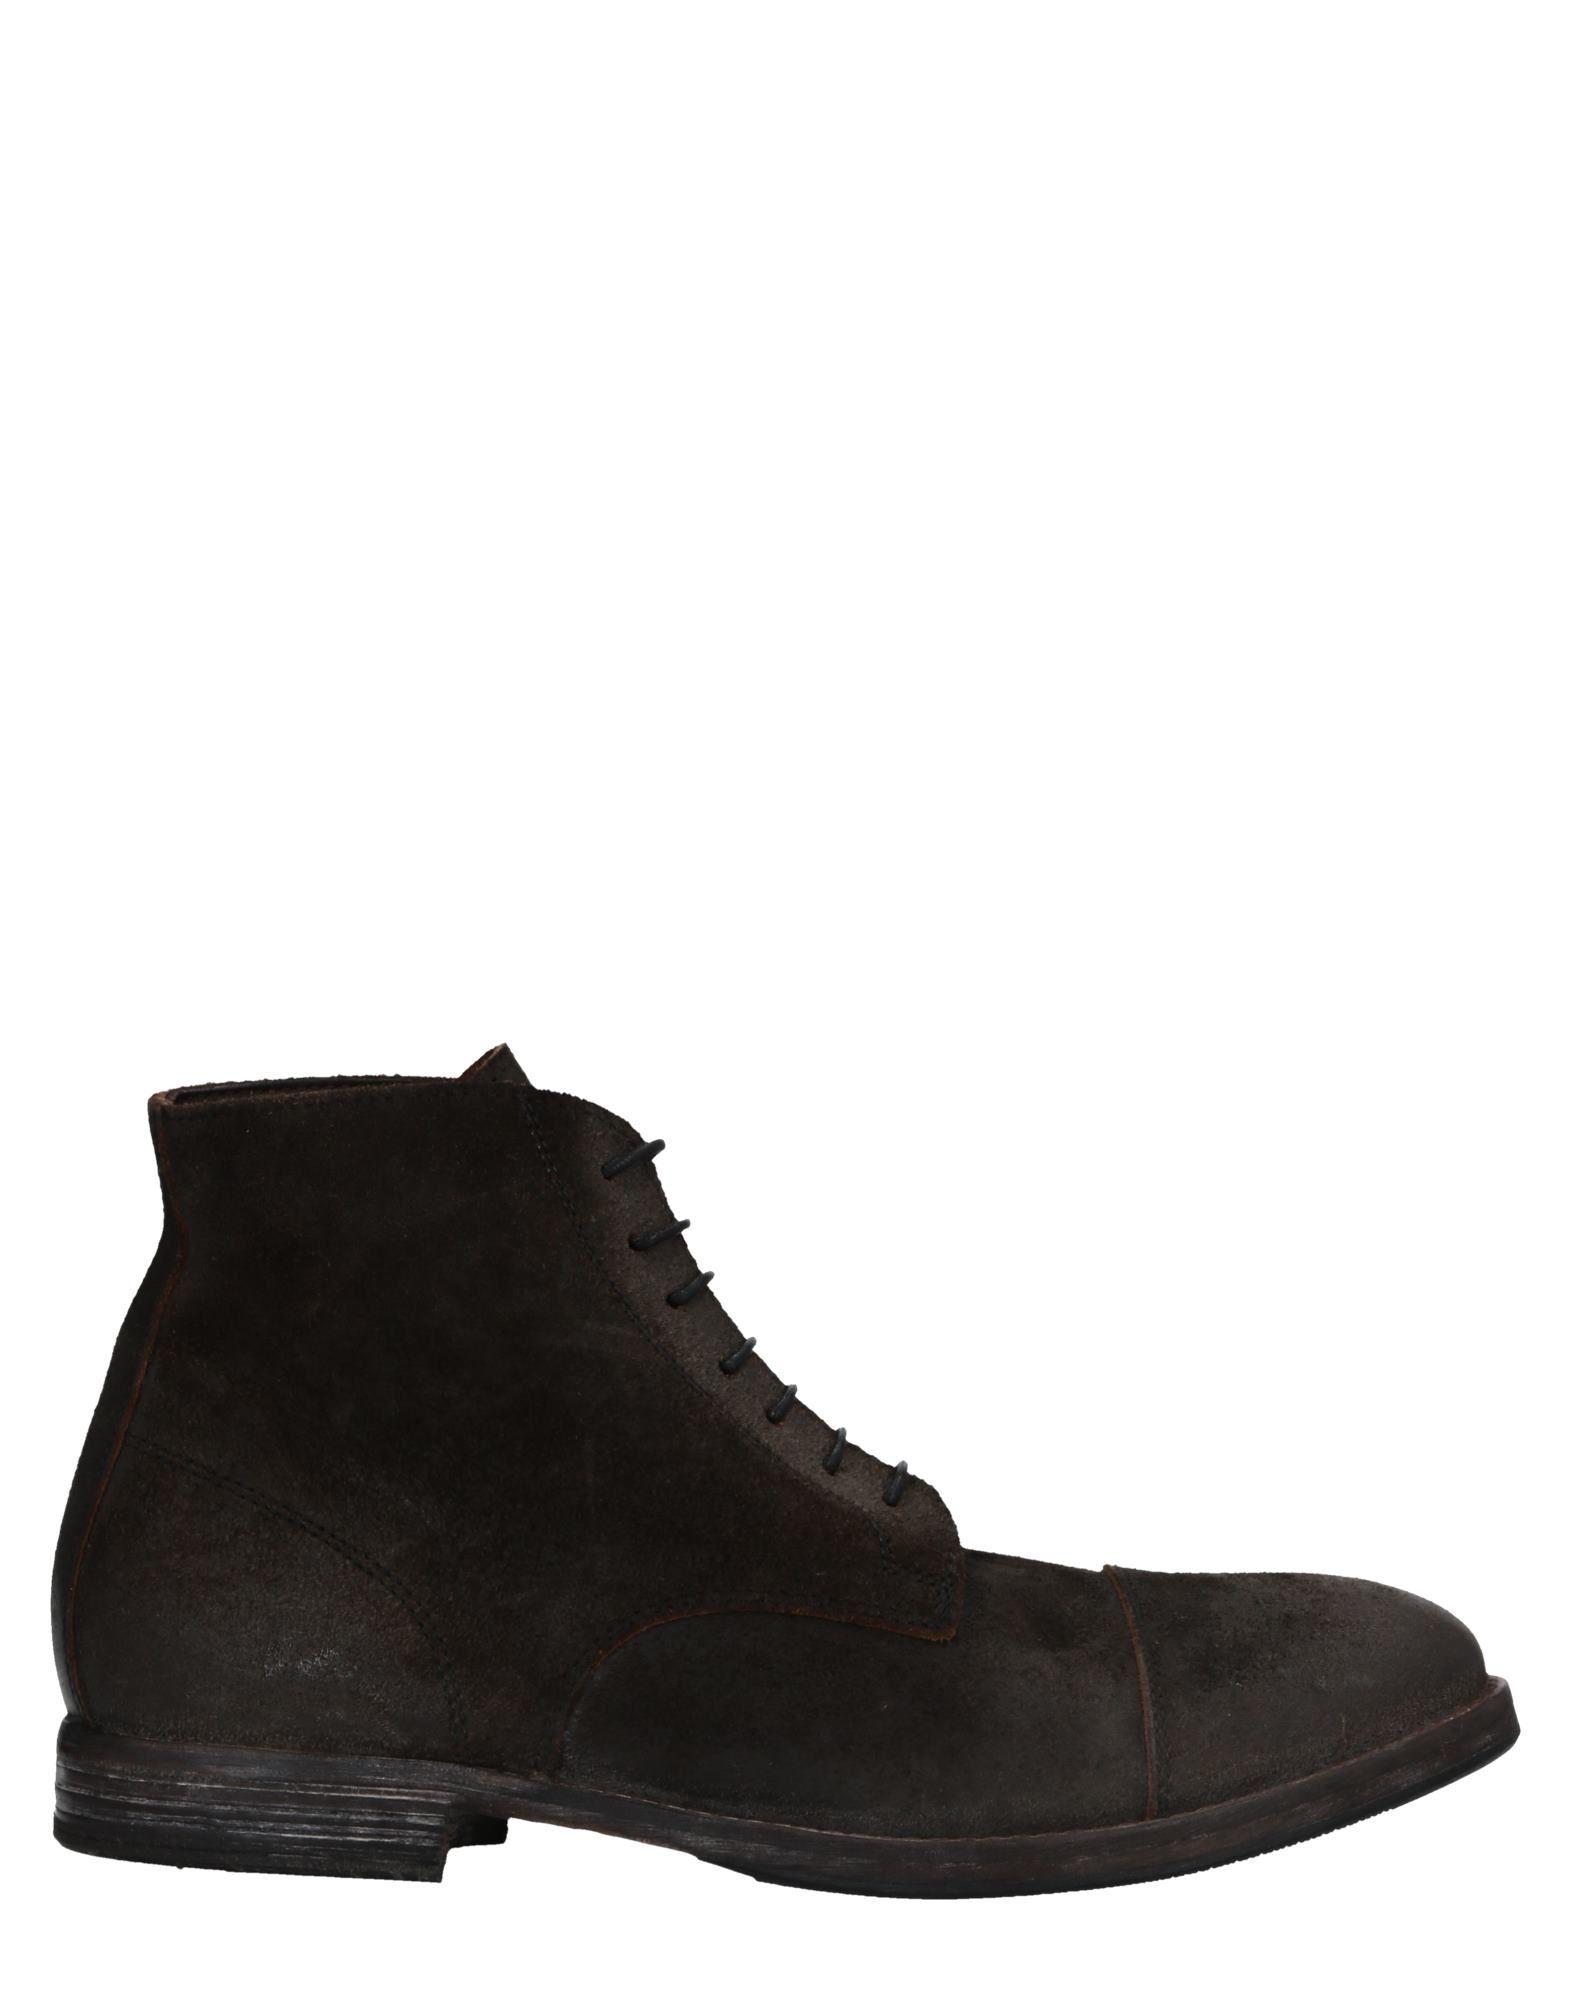 Moma Stiefelette Herren beliebte  11516552IC Gute Qualität beliebte Herren Schuhe 51ecb1